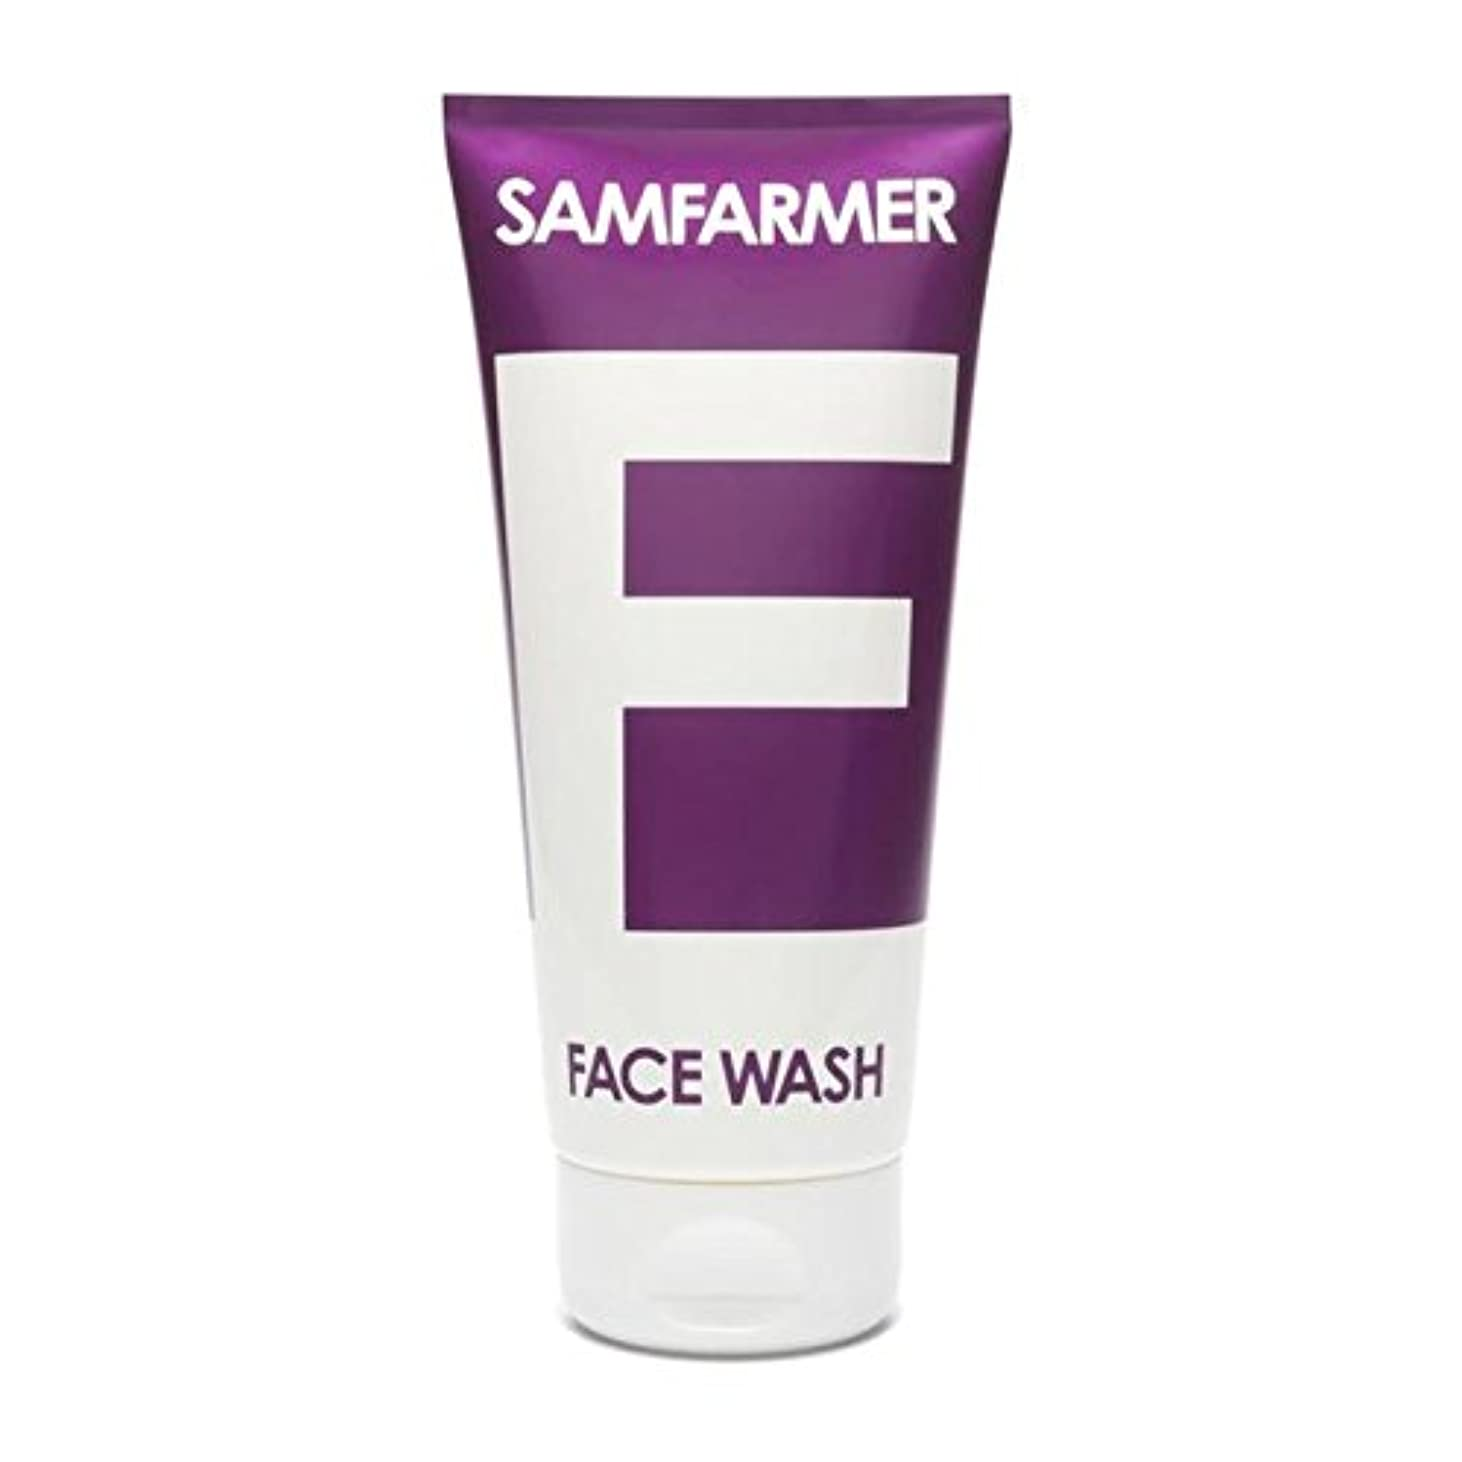 はちみつ優しい音節ユニセックスフェイスウォッシュ200ミリリットル x2 - SAMFARMER Unisex Face Wash 200ml (Pack of 2) [並行輸入品]